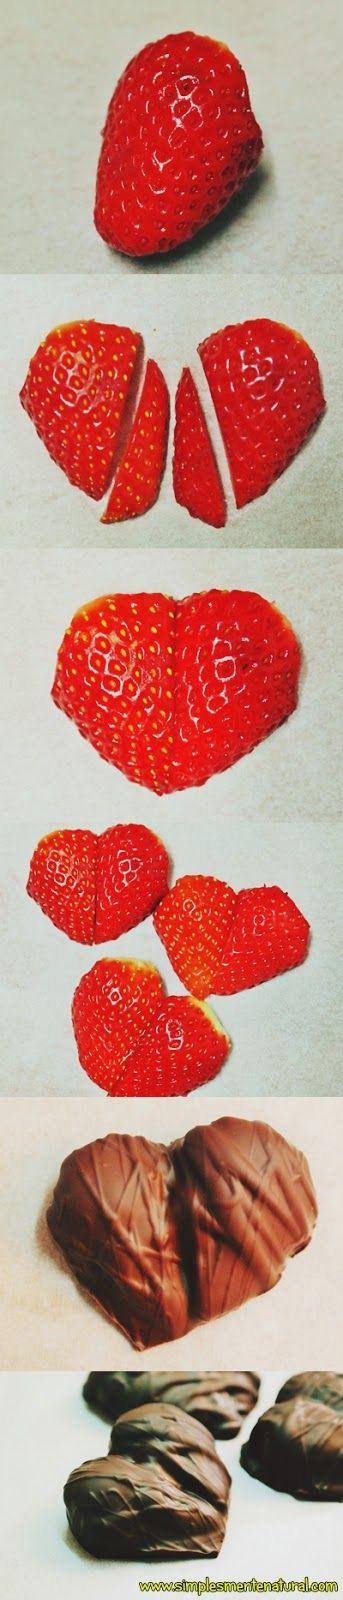 Simplesmente Natural: Corações de S. Valentim - Uma ideia bem saborosa :)